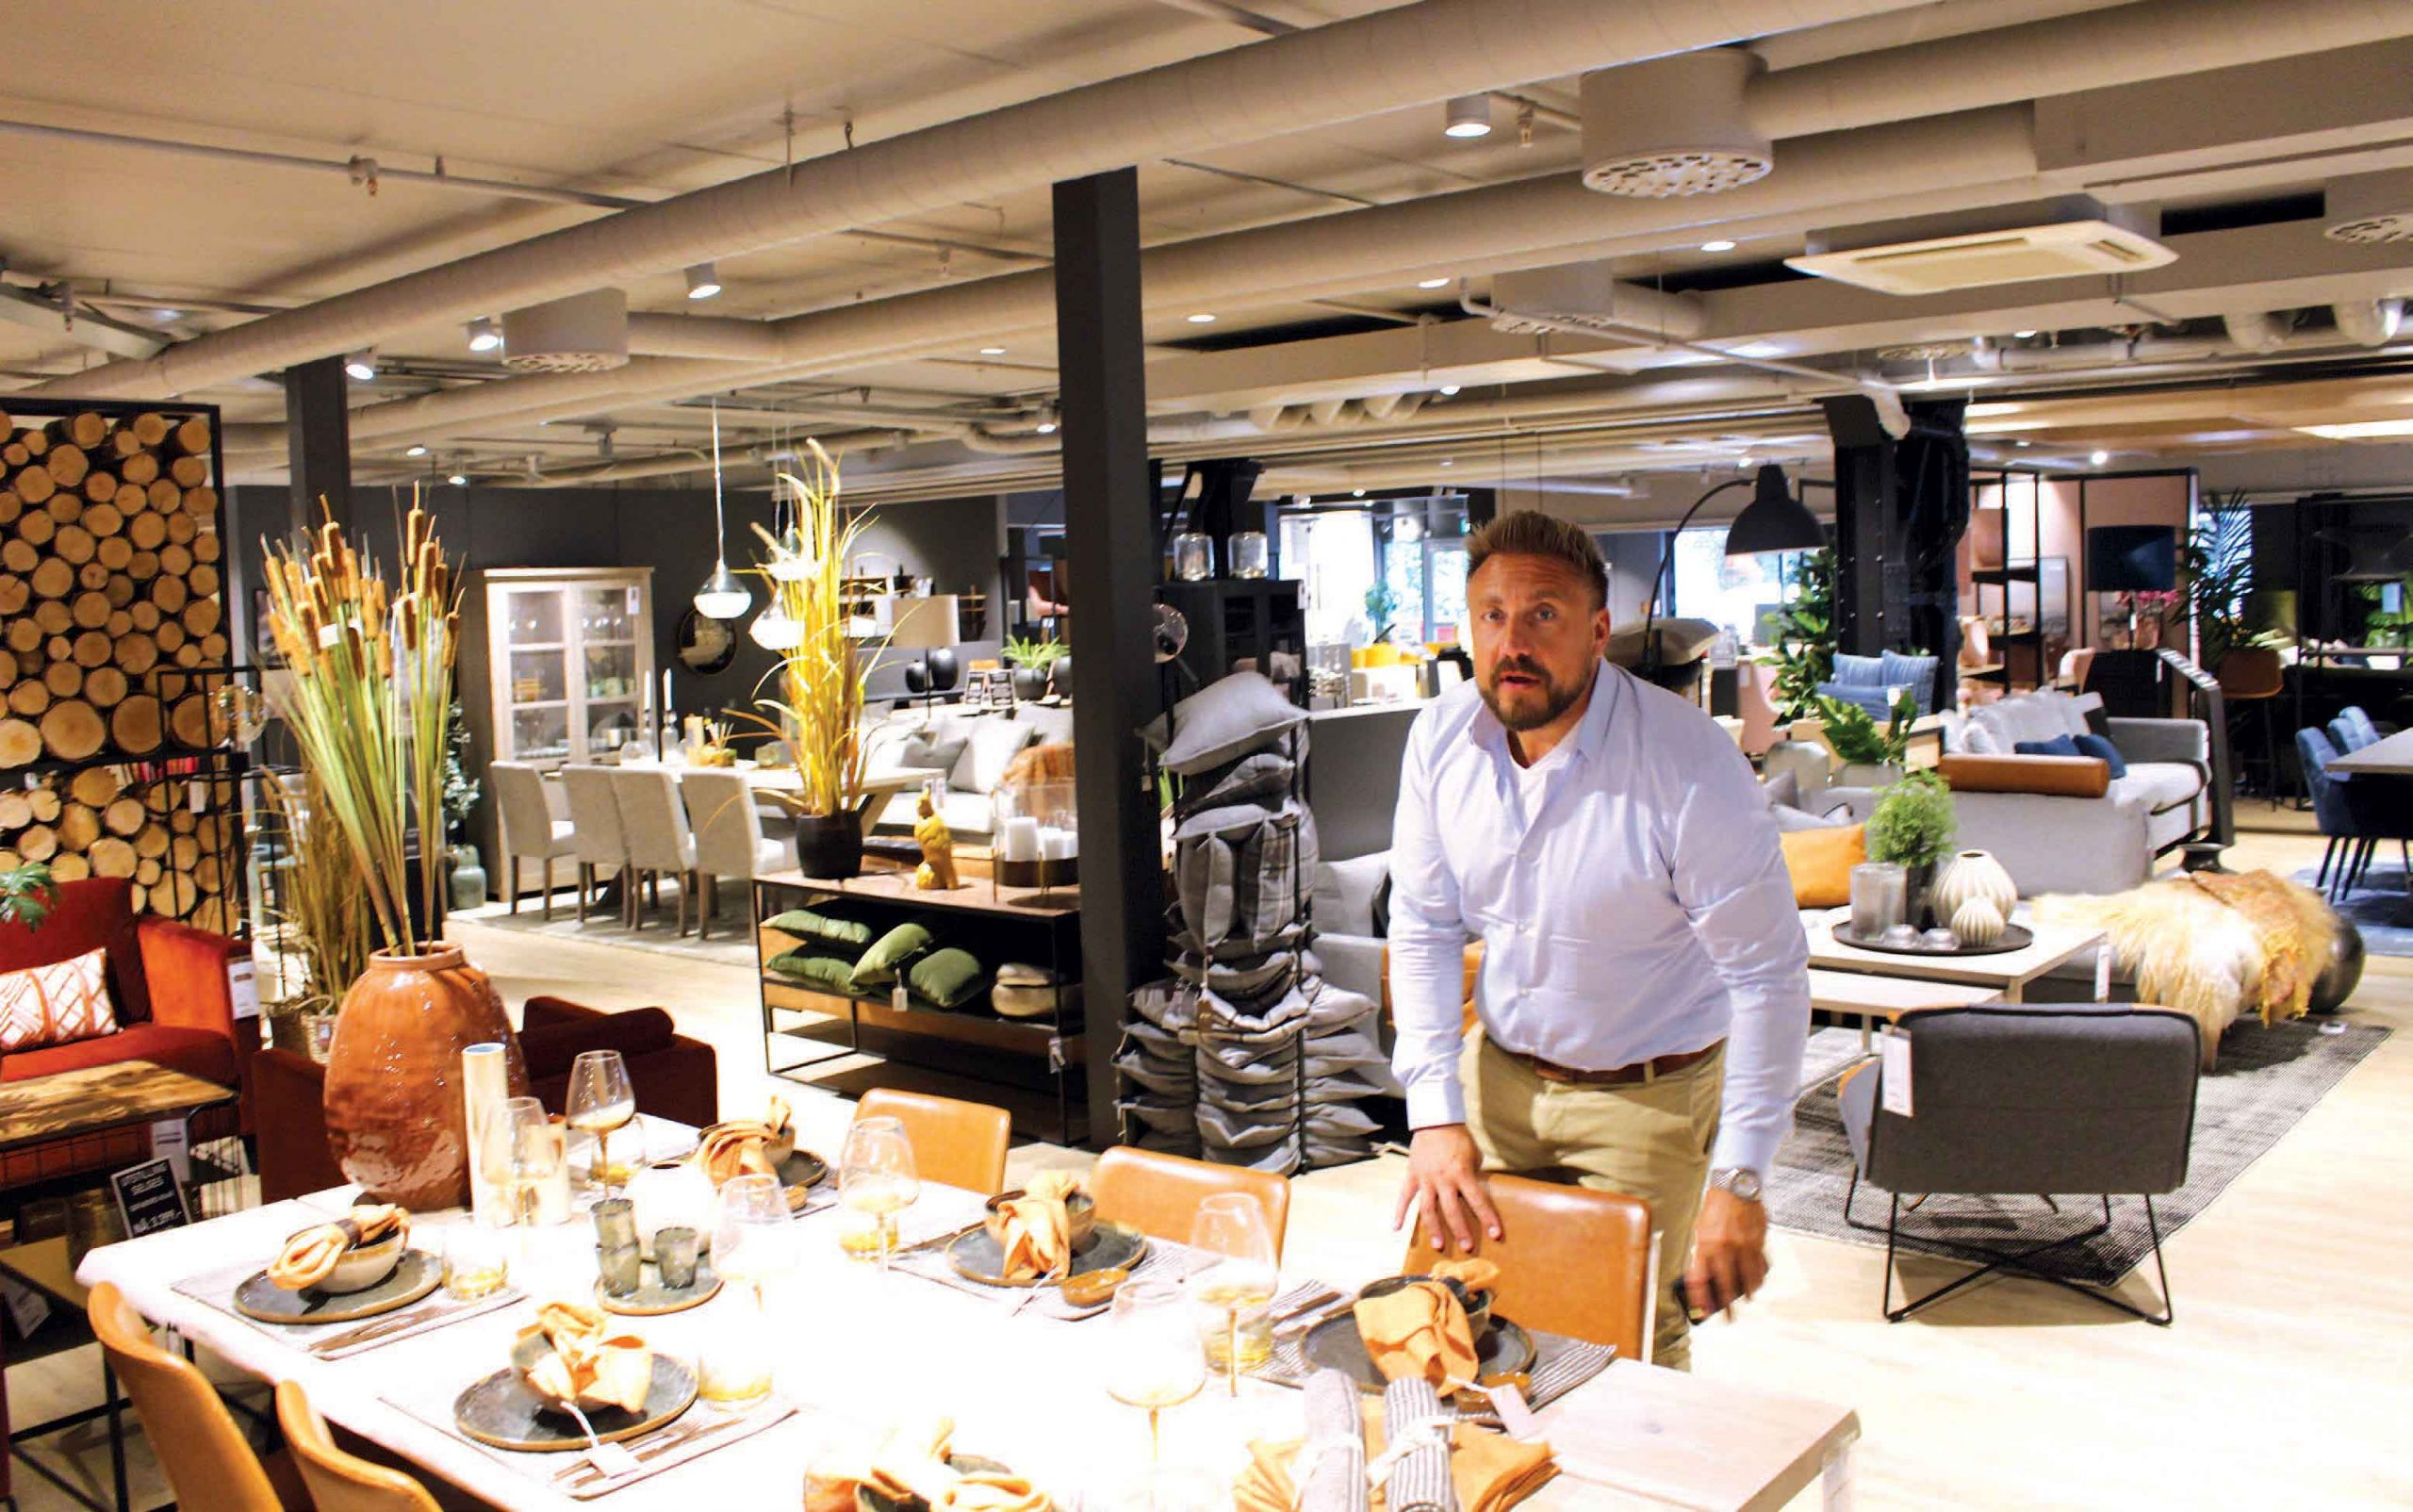 Mørkt og hyggelig i Møbelringen Studio på Skøyen. Foto: Knut Skoe